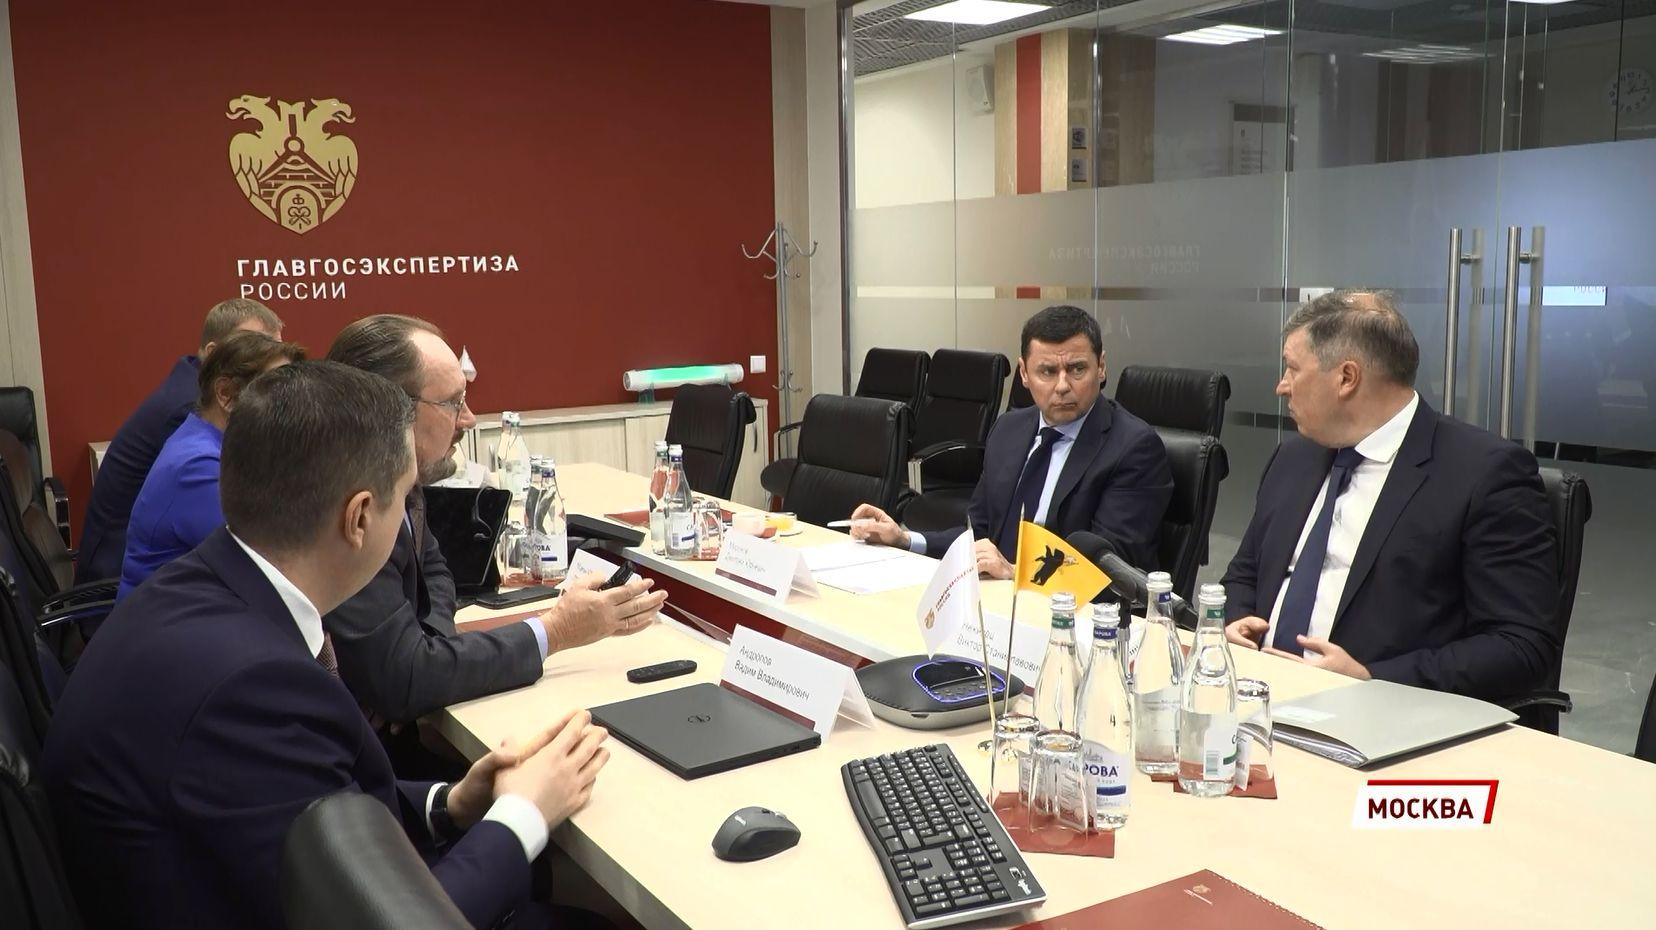 Дмитрий Миронов обсудил вопросы цифровизации строительного комплекса и реализацию нацпроектов с начальником Главгосэкспертизы Игорем Маныловым